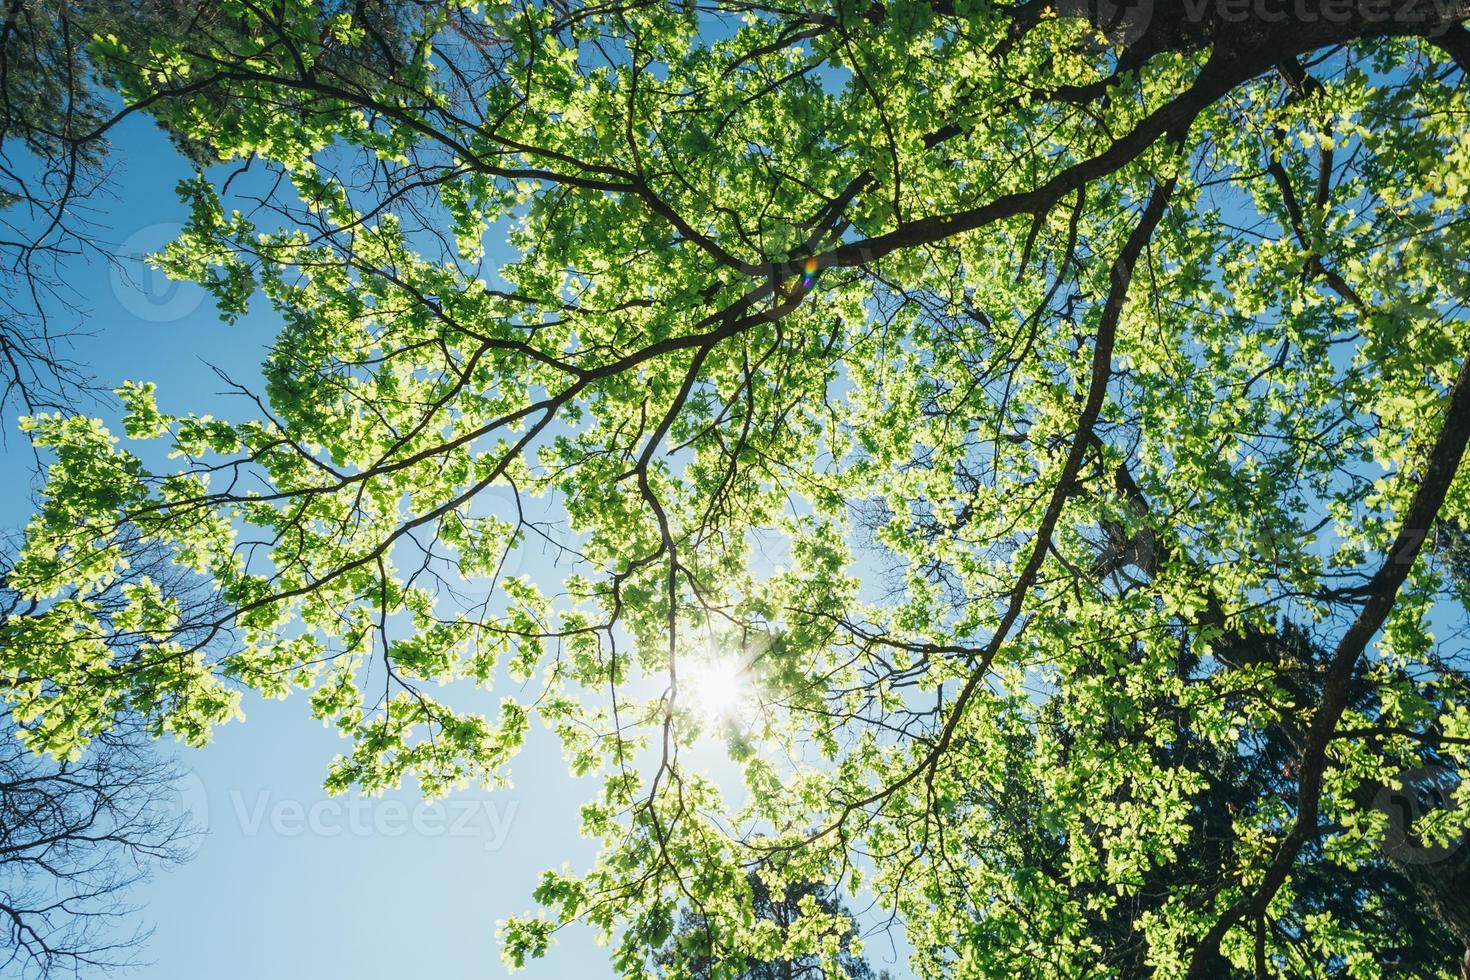 soleado dosel de árboles altos. luz del sol en bosque caducifolio, verano foto